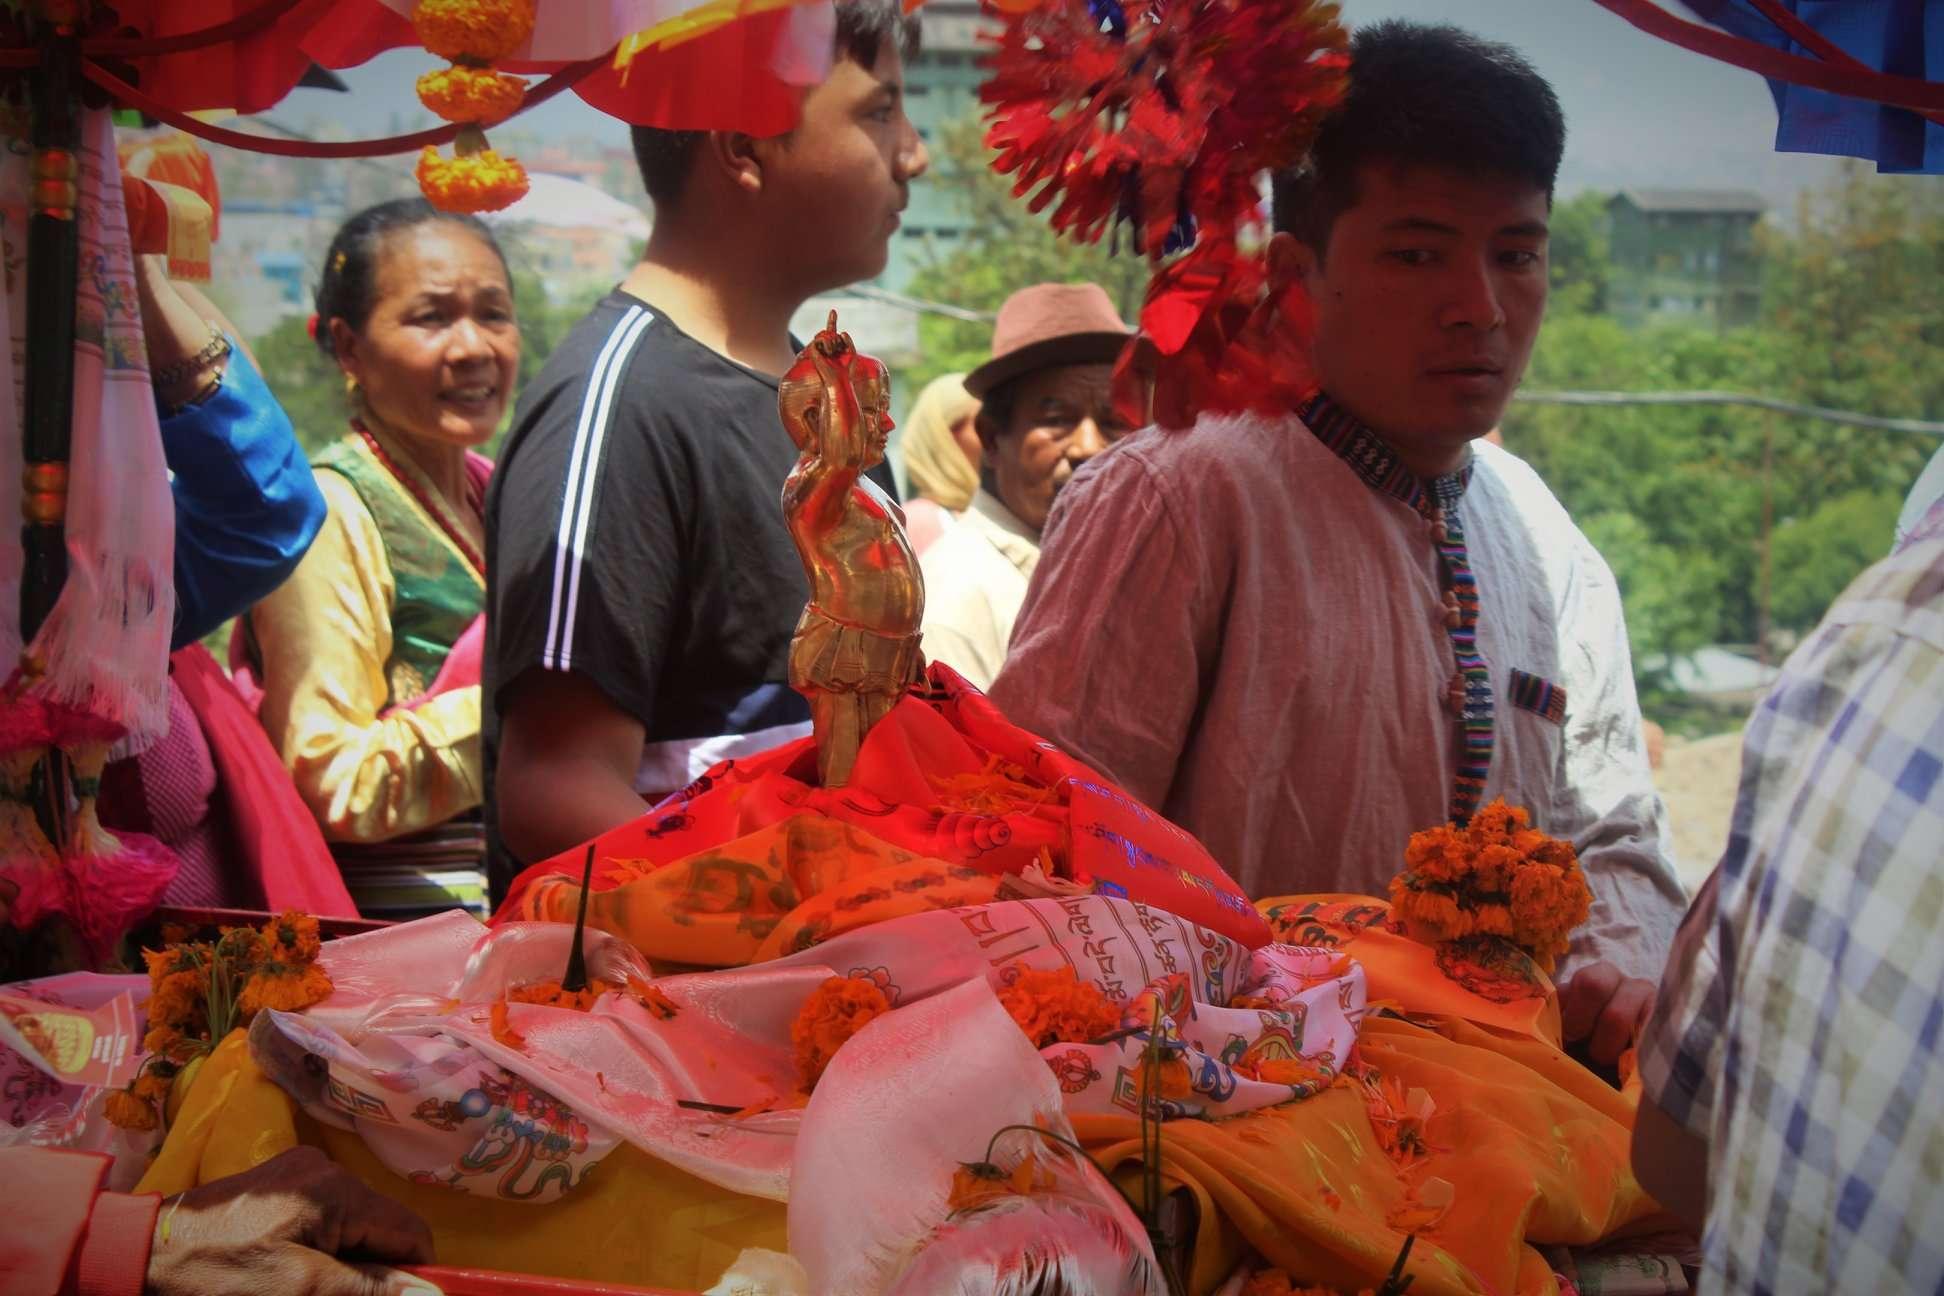 Buddha Child-Statue in Sänfte auf Jayanthi Festival in Kathmandu, 2019